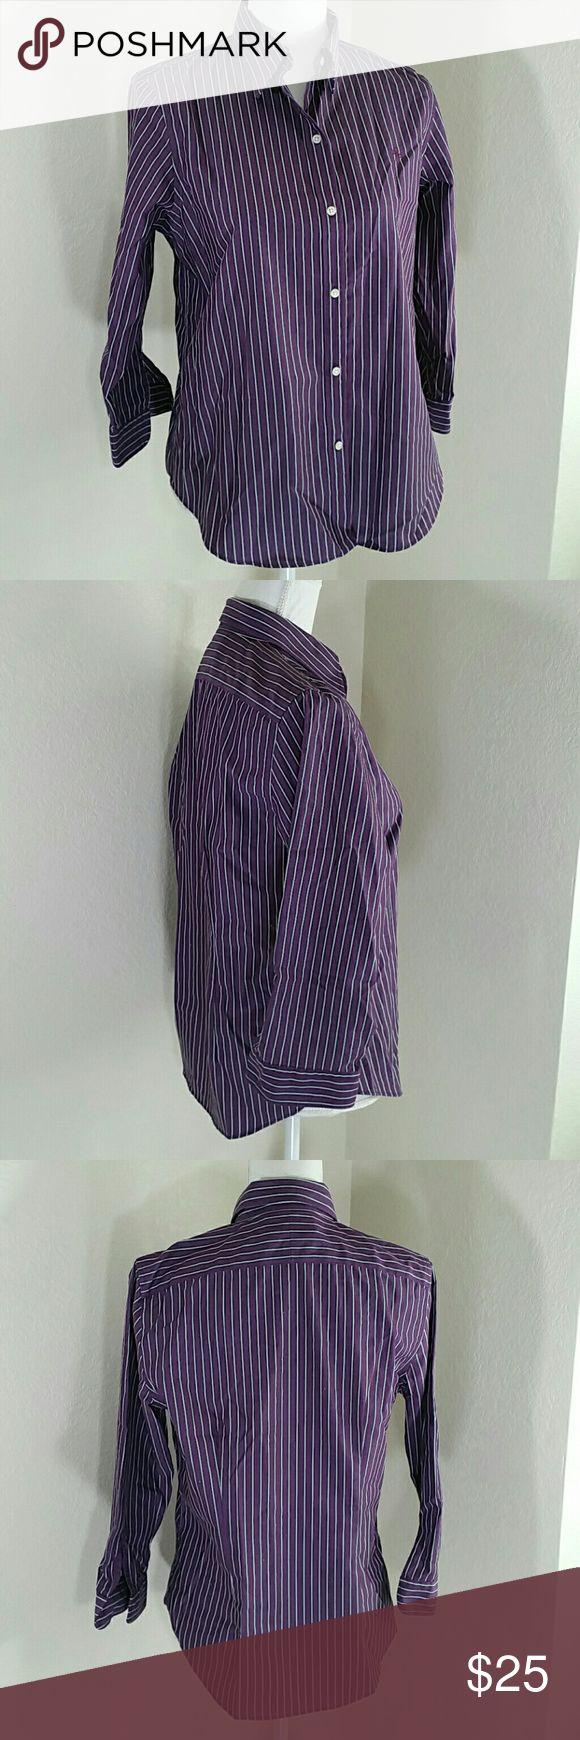 """Lauren Ralph Lauren Stripped Non Iron Shirt Excellent condition button front shirt, 100% cotton,  non iron, 3/4 sleeve  Chest 20% sleeve 19"""" collar to hem 26"""" Lauren Ralph Lauren Tops Button Down Shirts"""